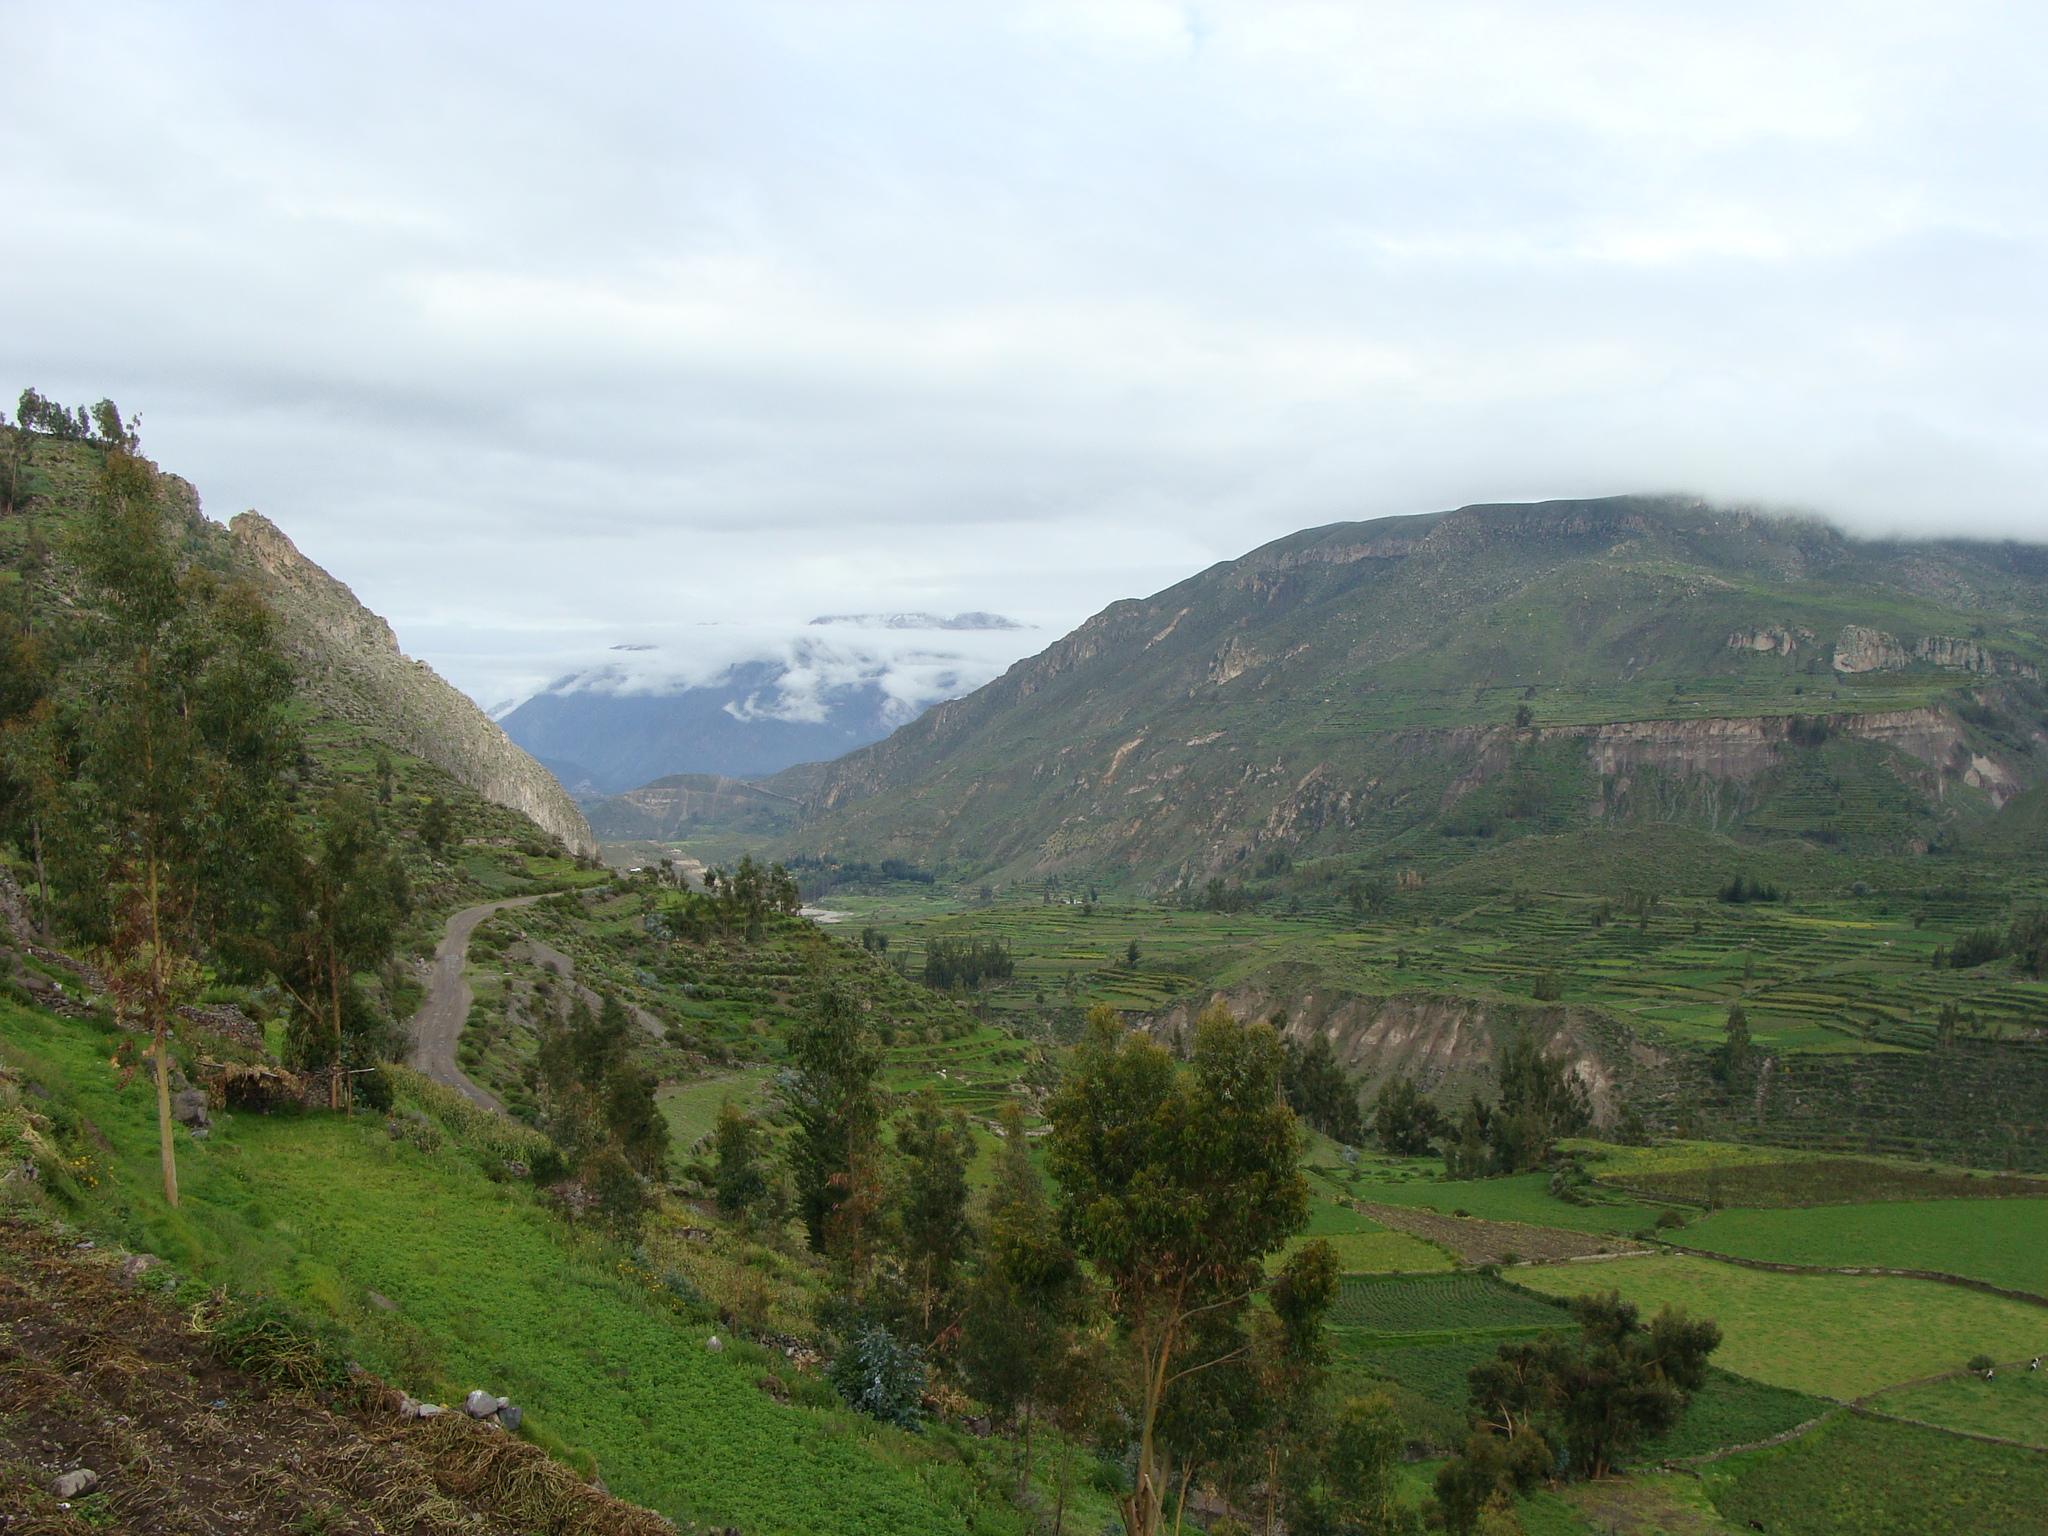 Vesnice Achopa - incké terasy dne 19. 2. 2011 7:40